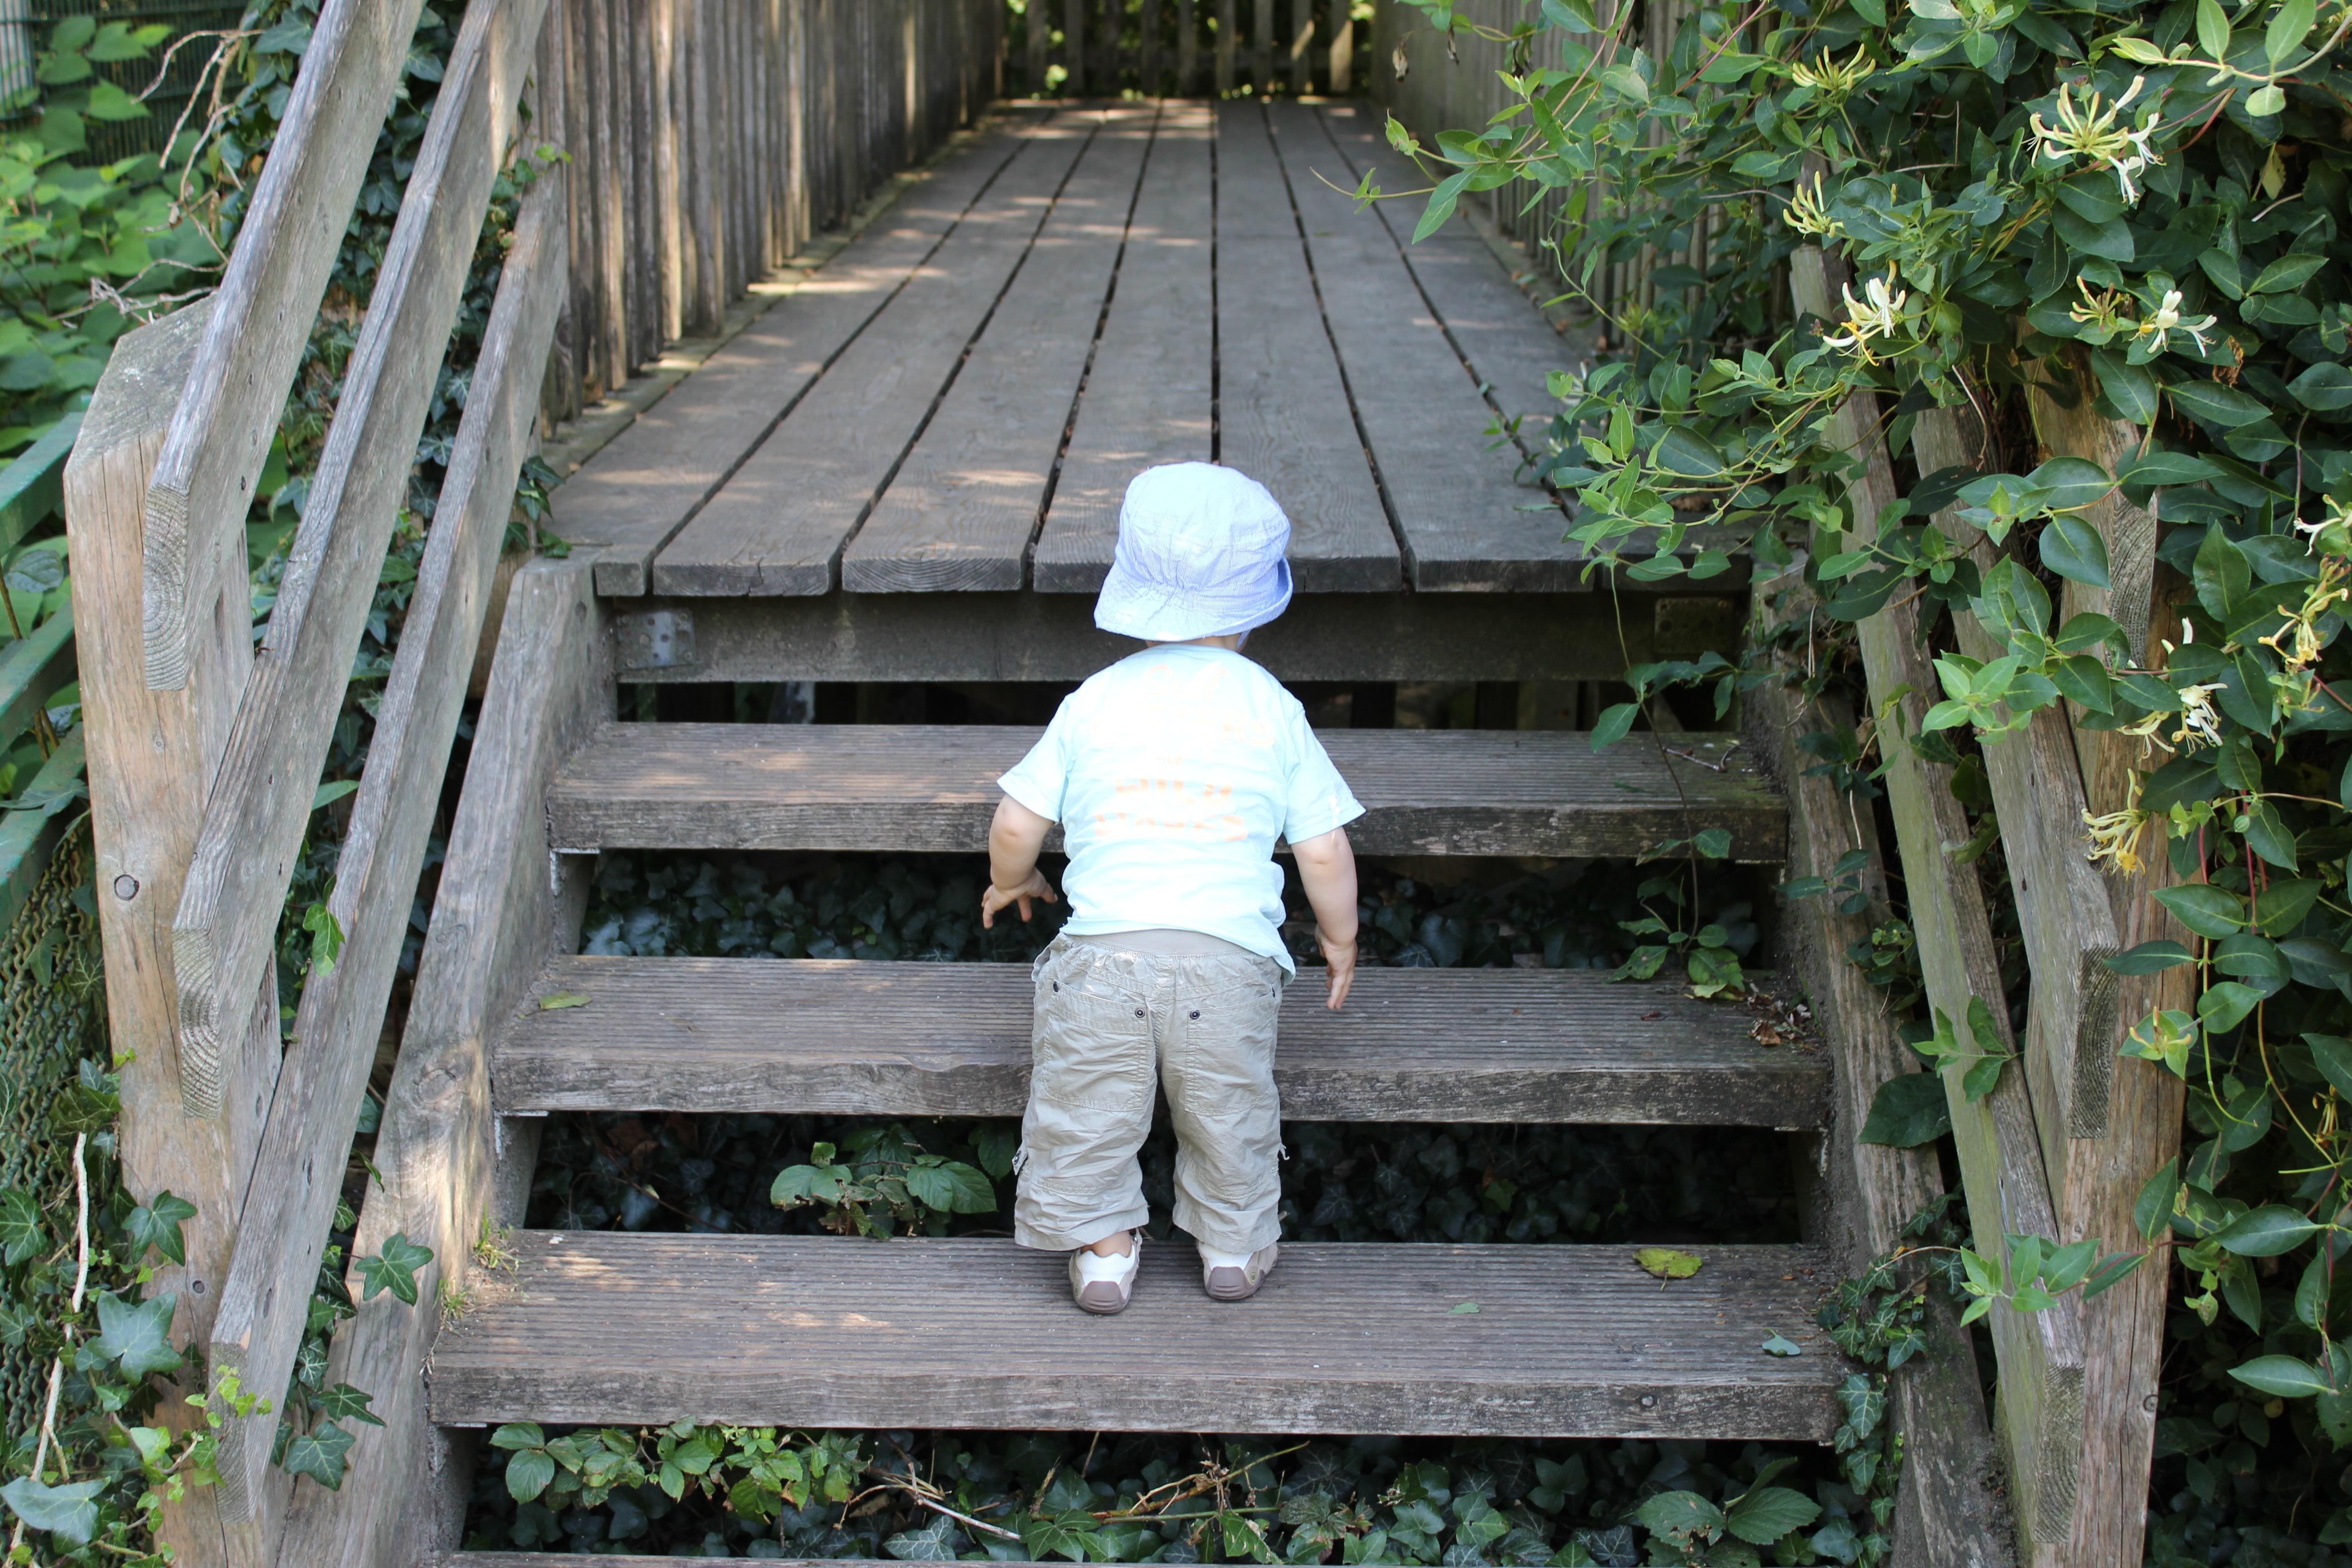 Gratis afbeeldingen : bos oerwoud tuin kinderen trap jongetje